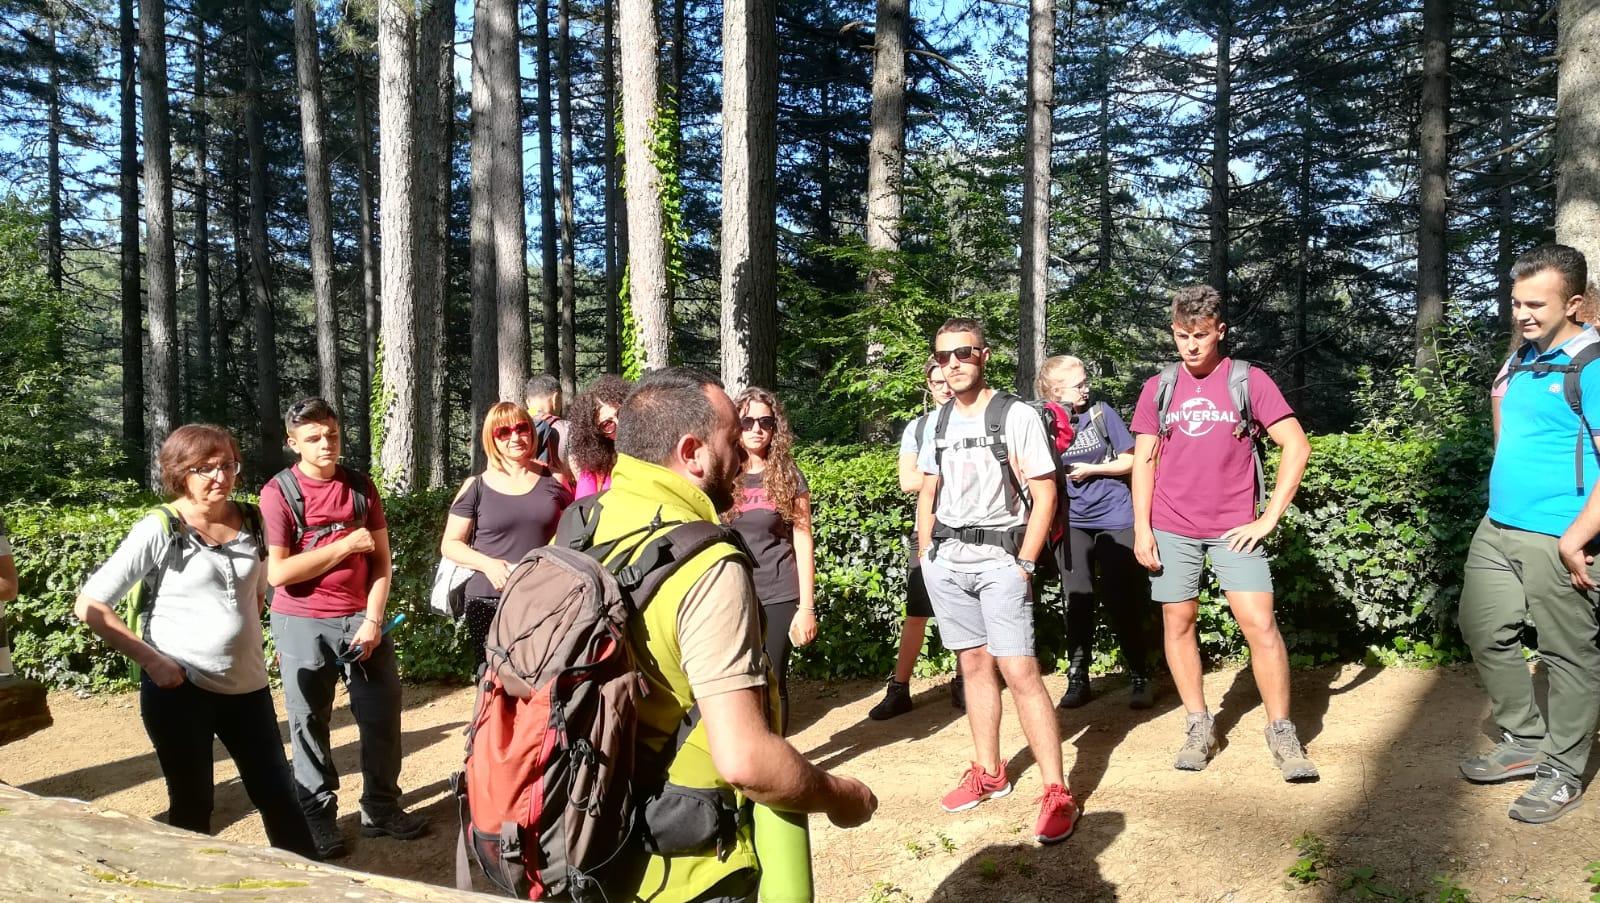 La montagna come vera e propria scuola di vita  Arriva nel Parco Nazionale della Sila il Progetto Montagna Maestra